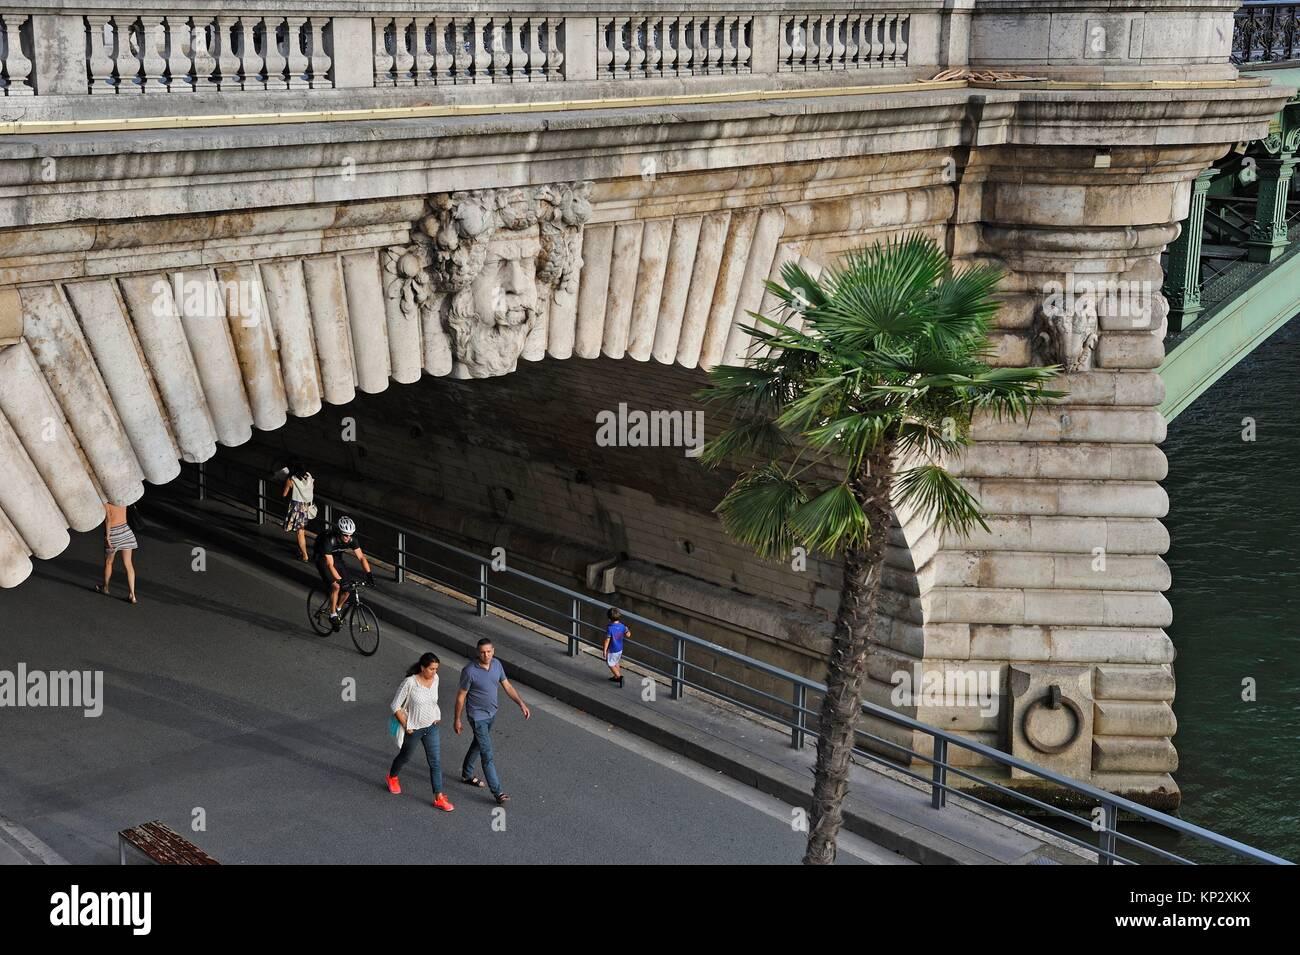 Puente Notre-Dame pier encima de la peatonal Riverside Expressway, París, Francia, Europa. Imagen De Stock